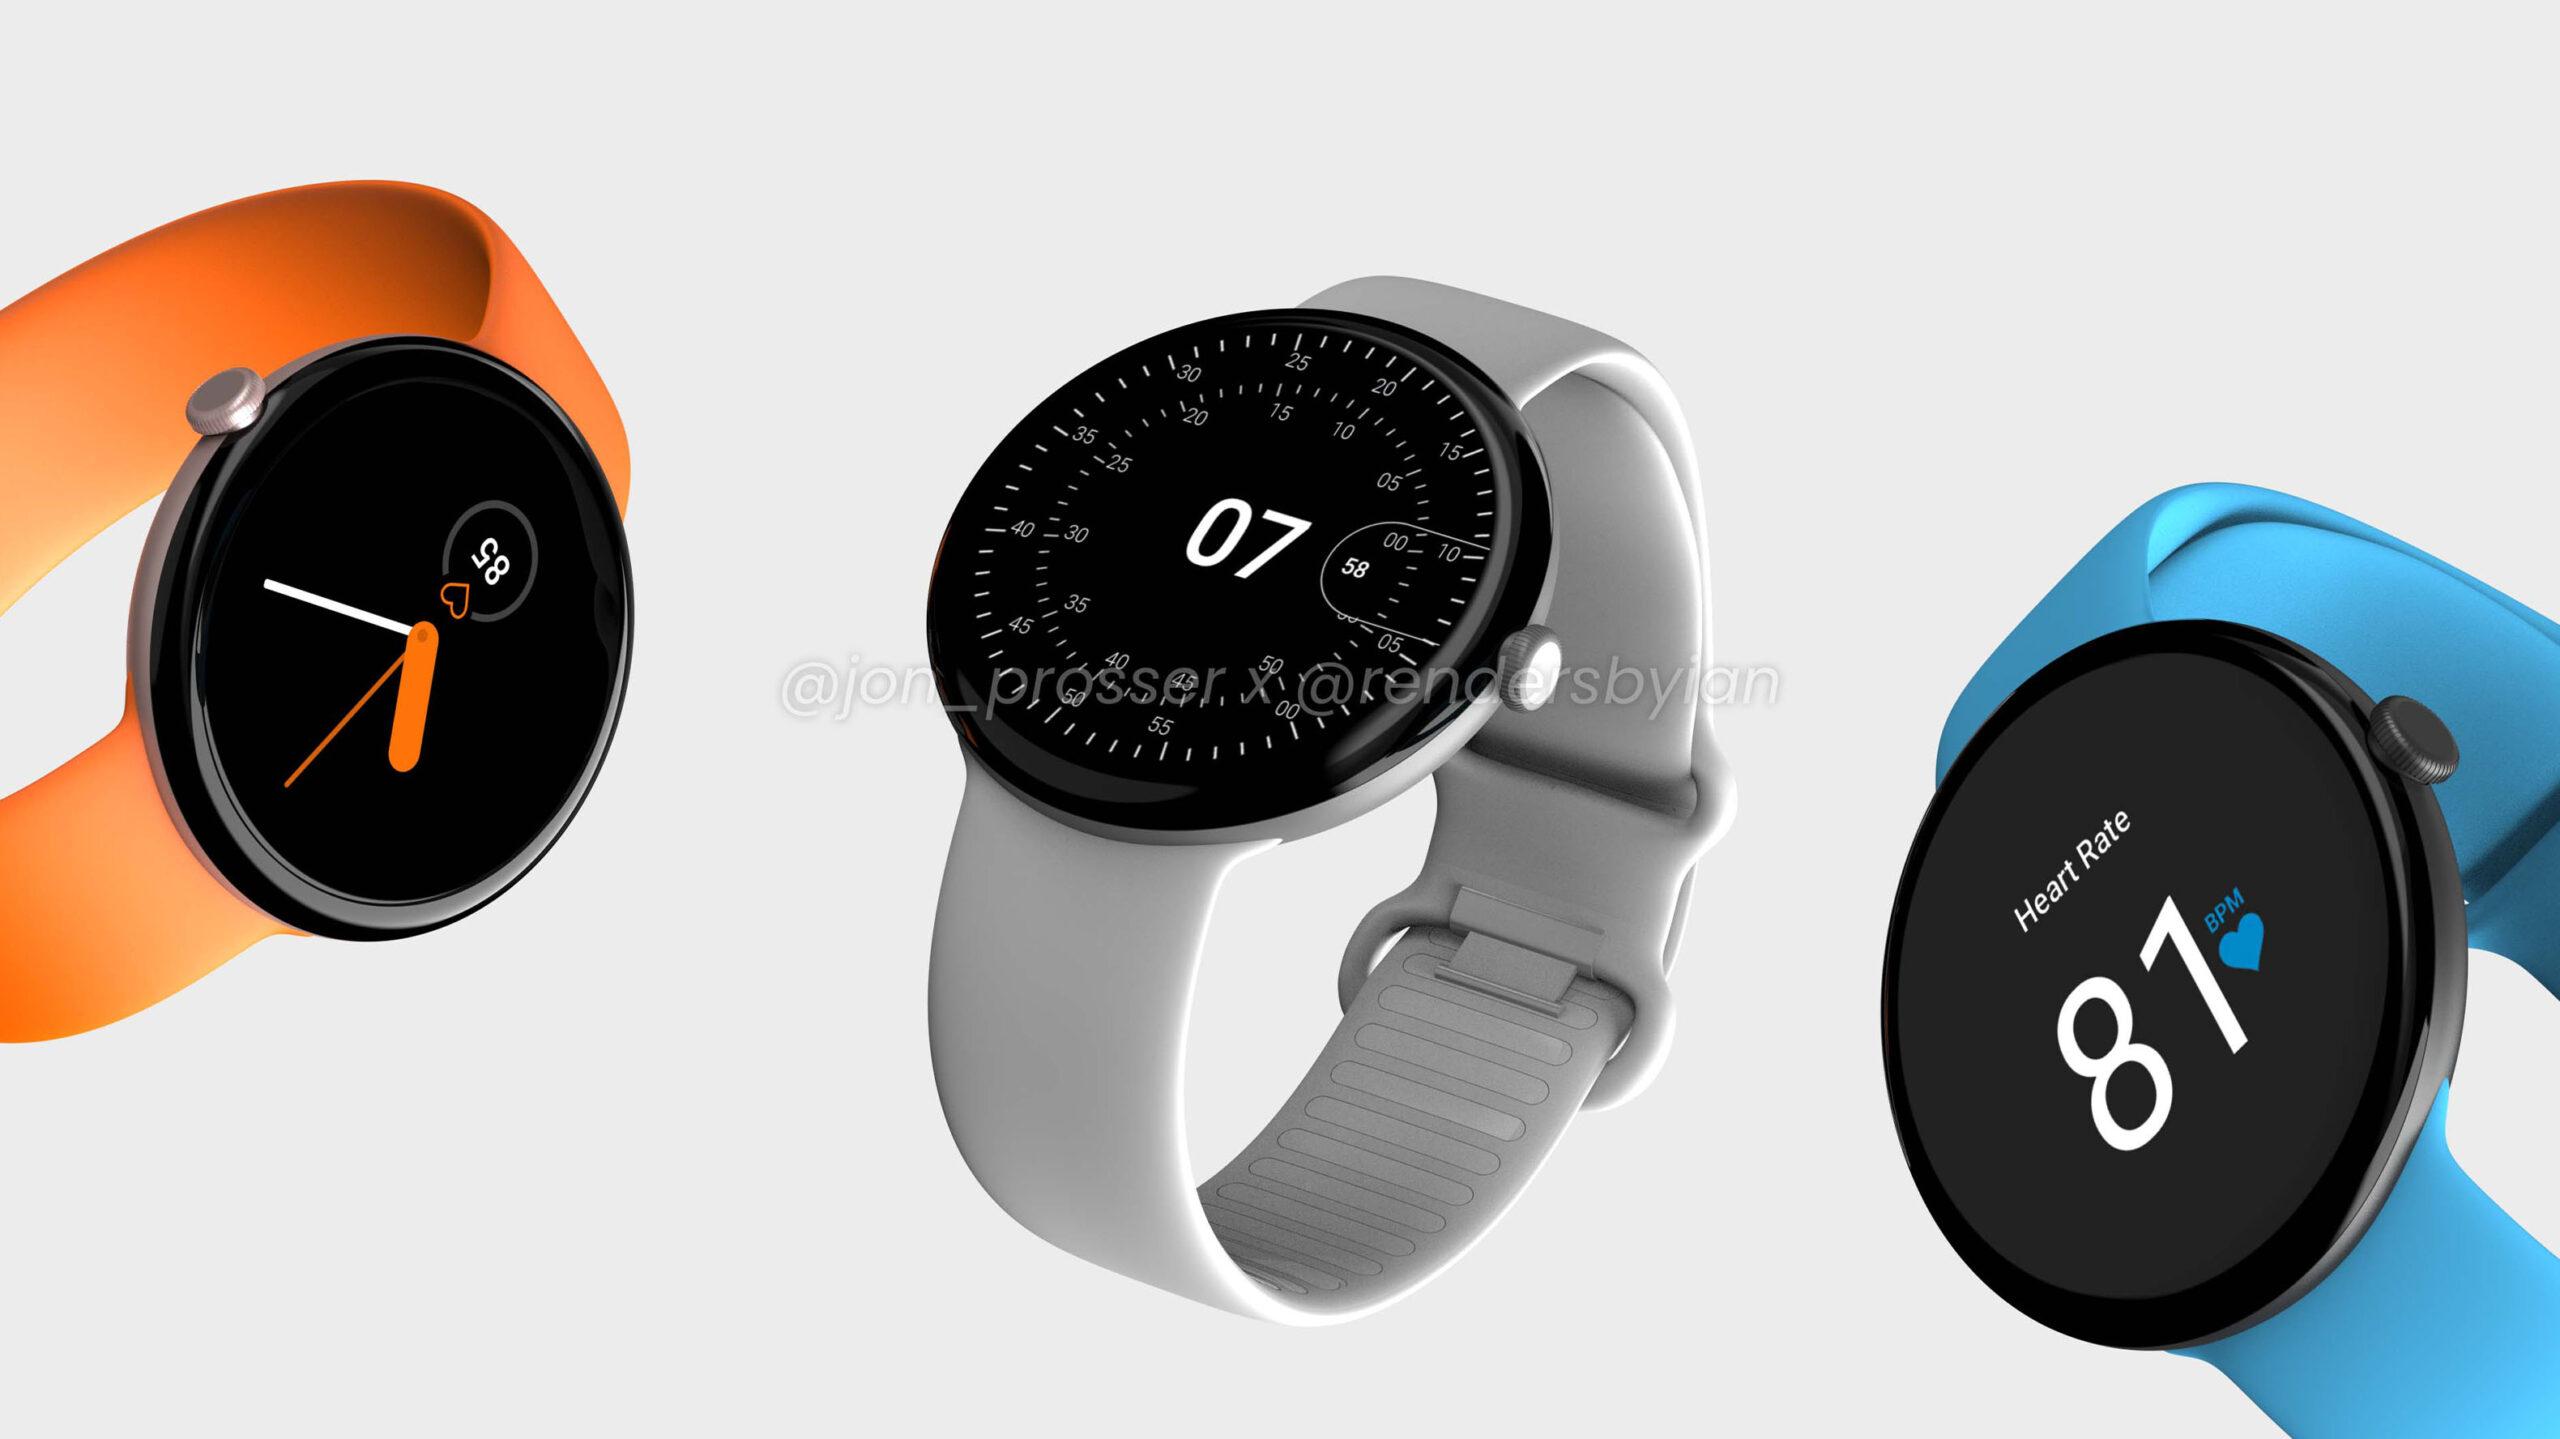 Pixel Watch renders